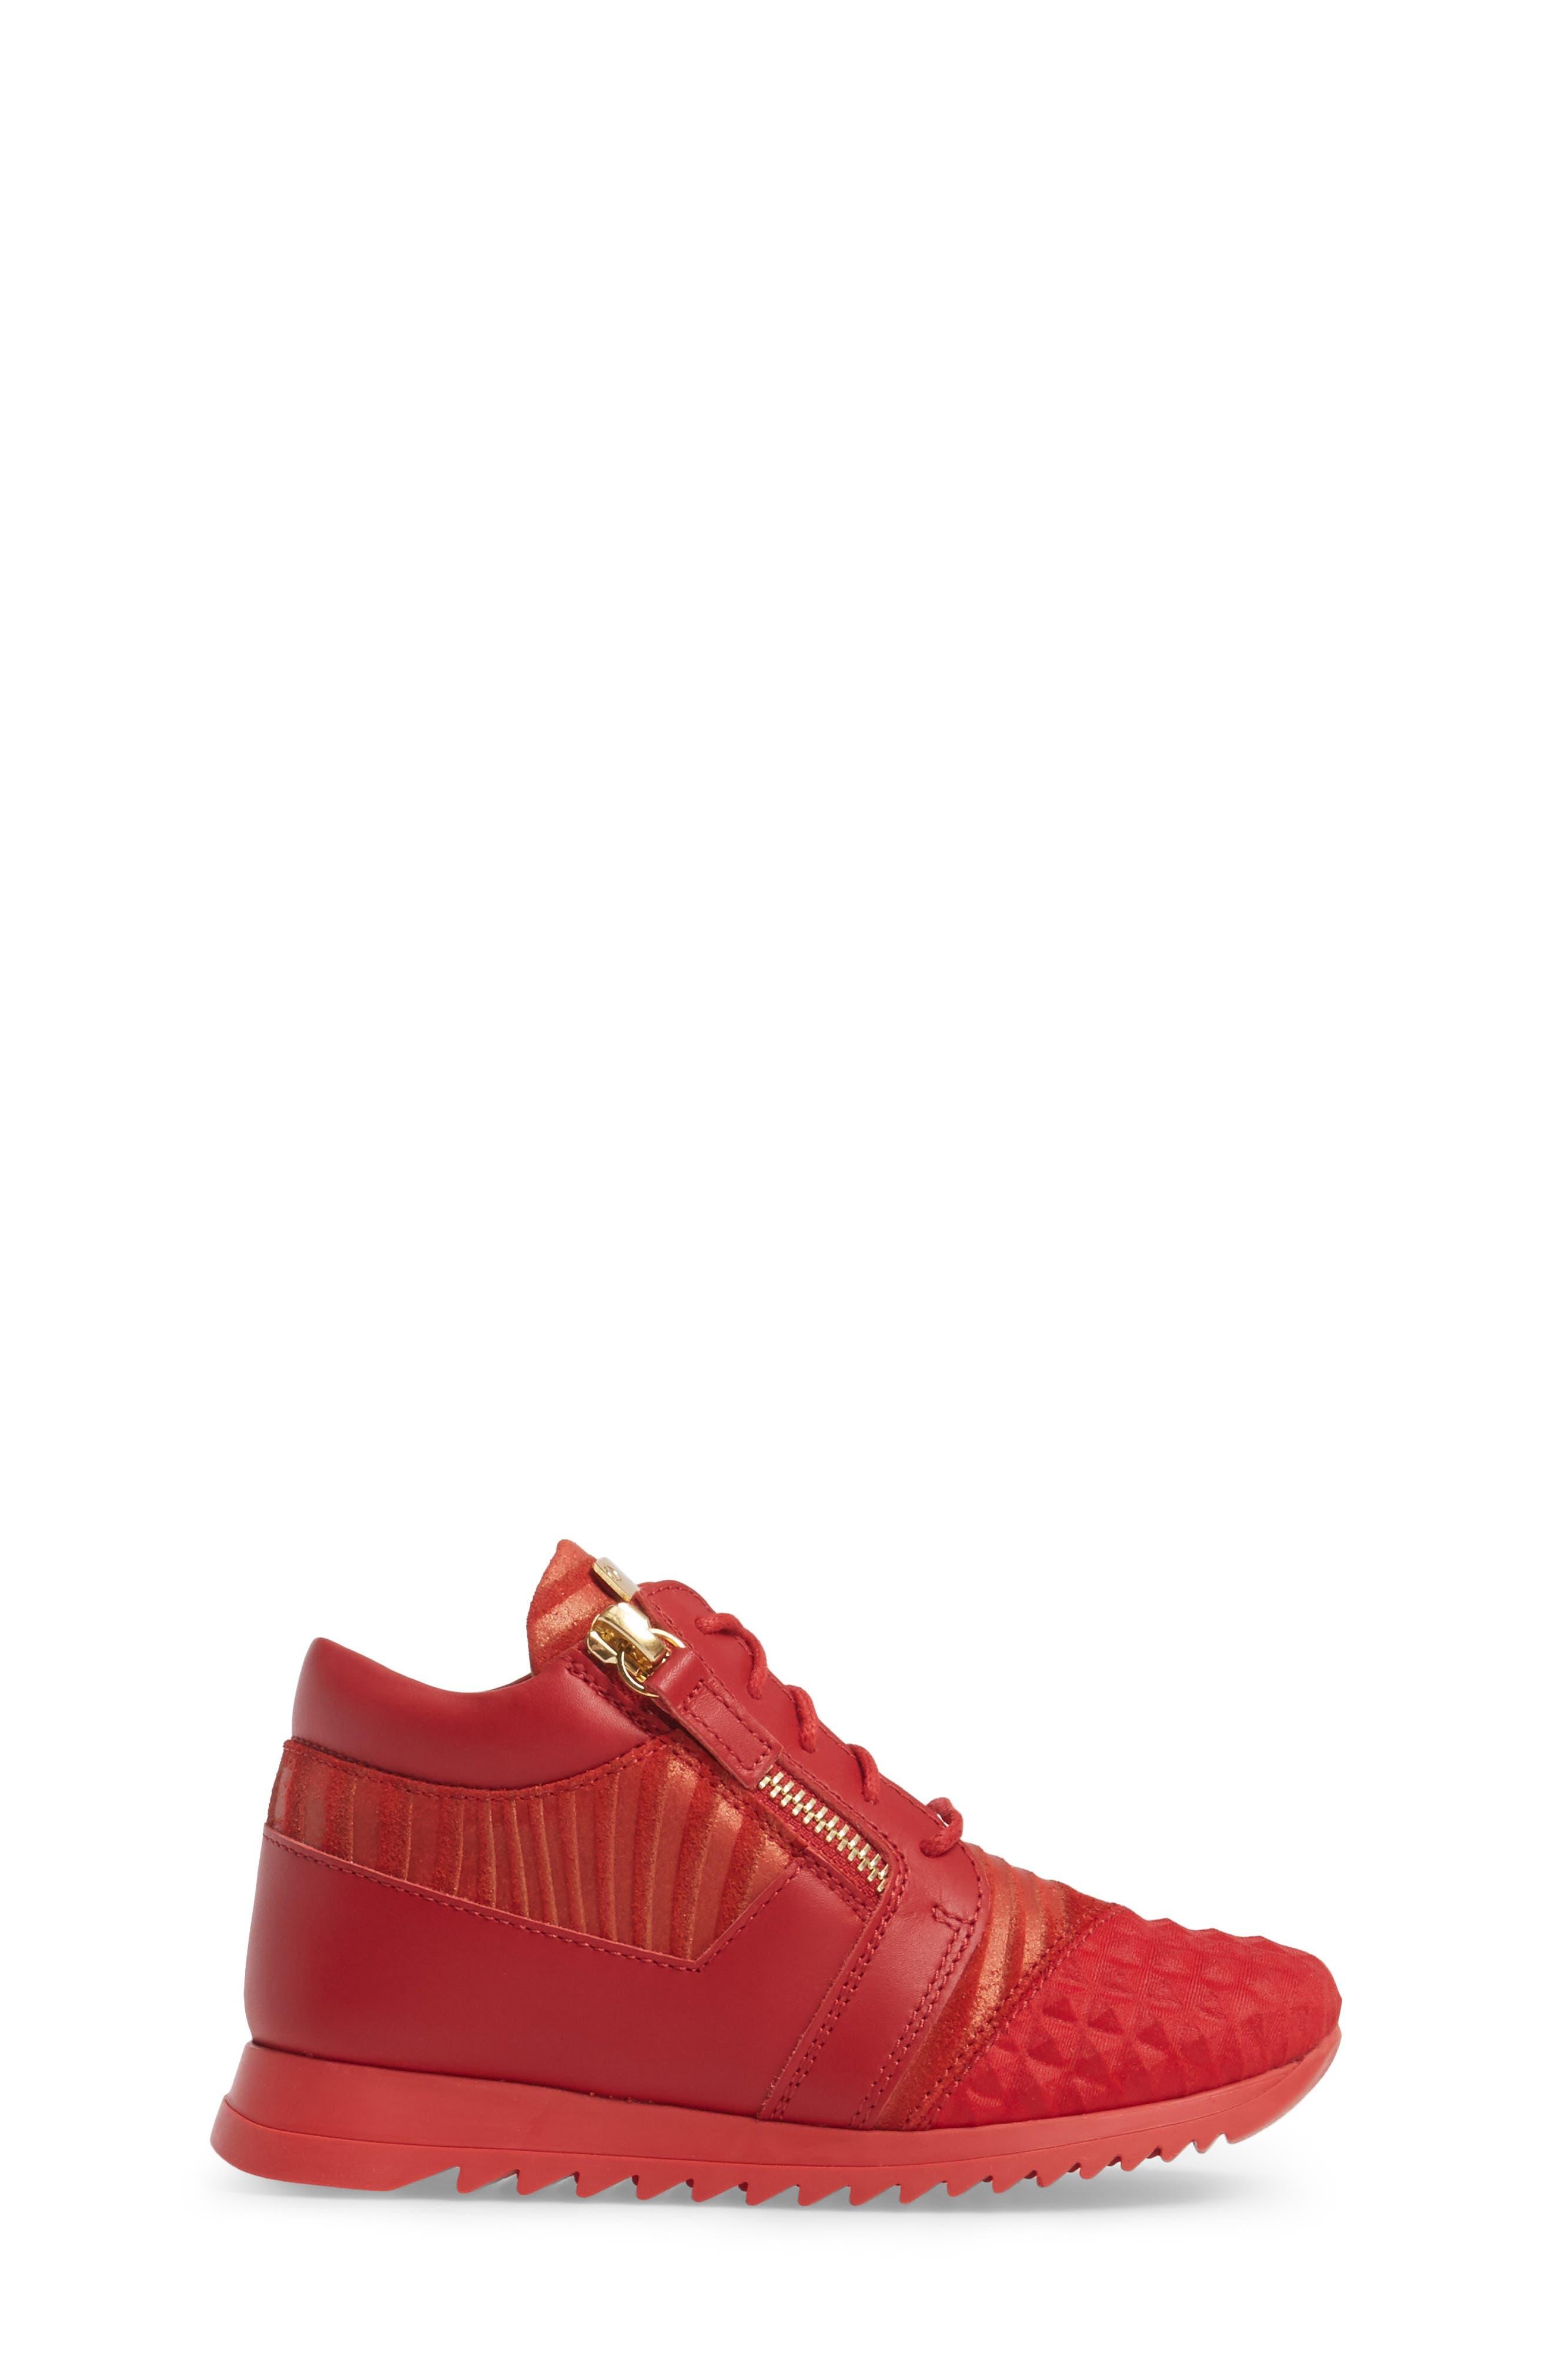 Alternate Image 3  - Giuseppe Zanotti Iperstud Embossed Sneaker (Baby, Walker, Toddler & Little Kid)